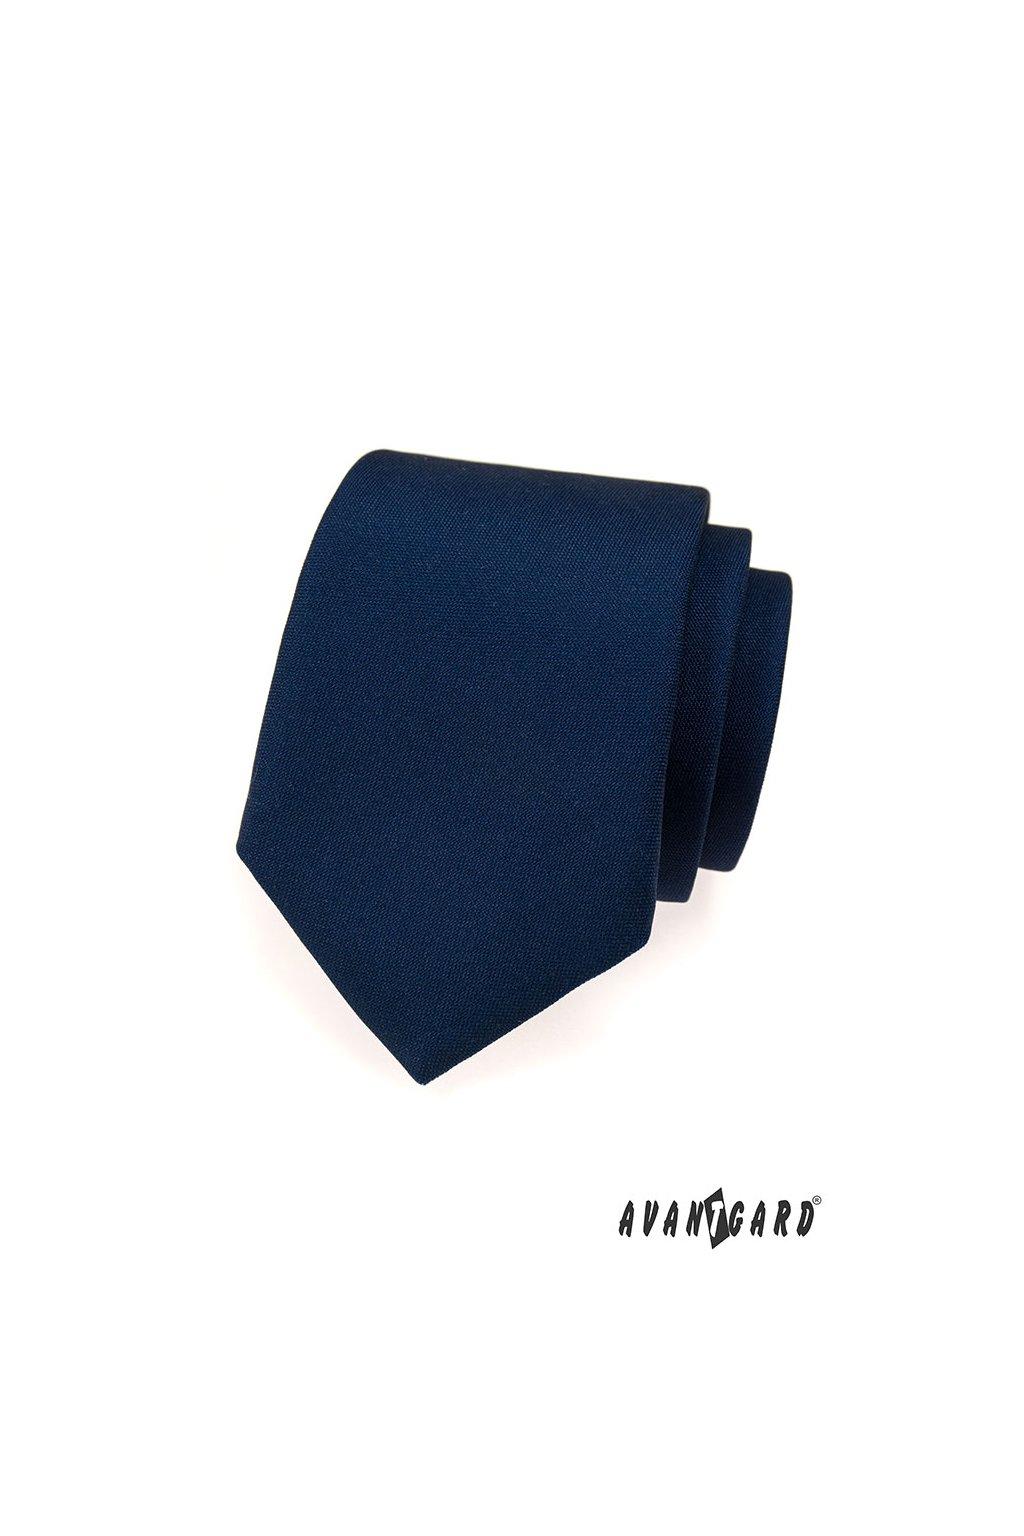 Kravata AVANTGARD LUX modrá navy 561 - 9840